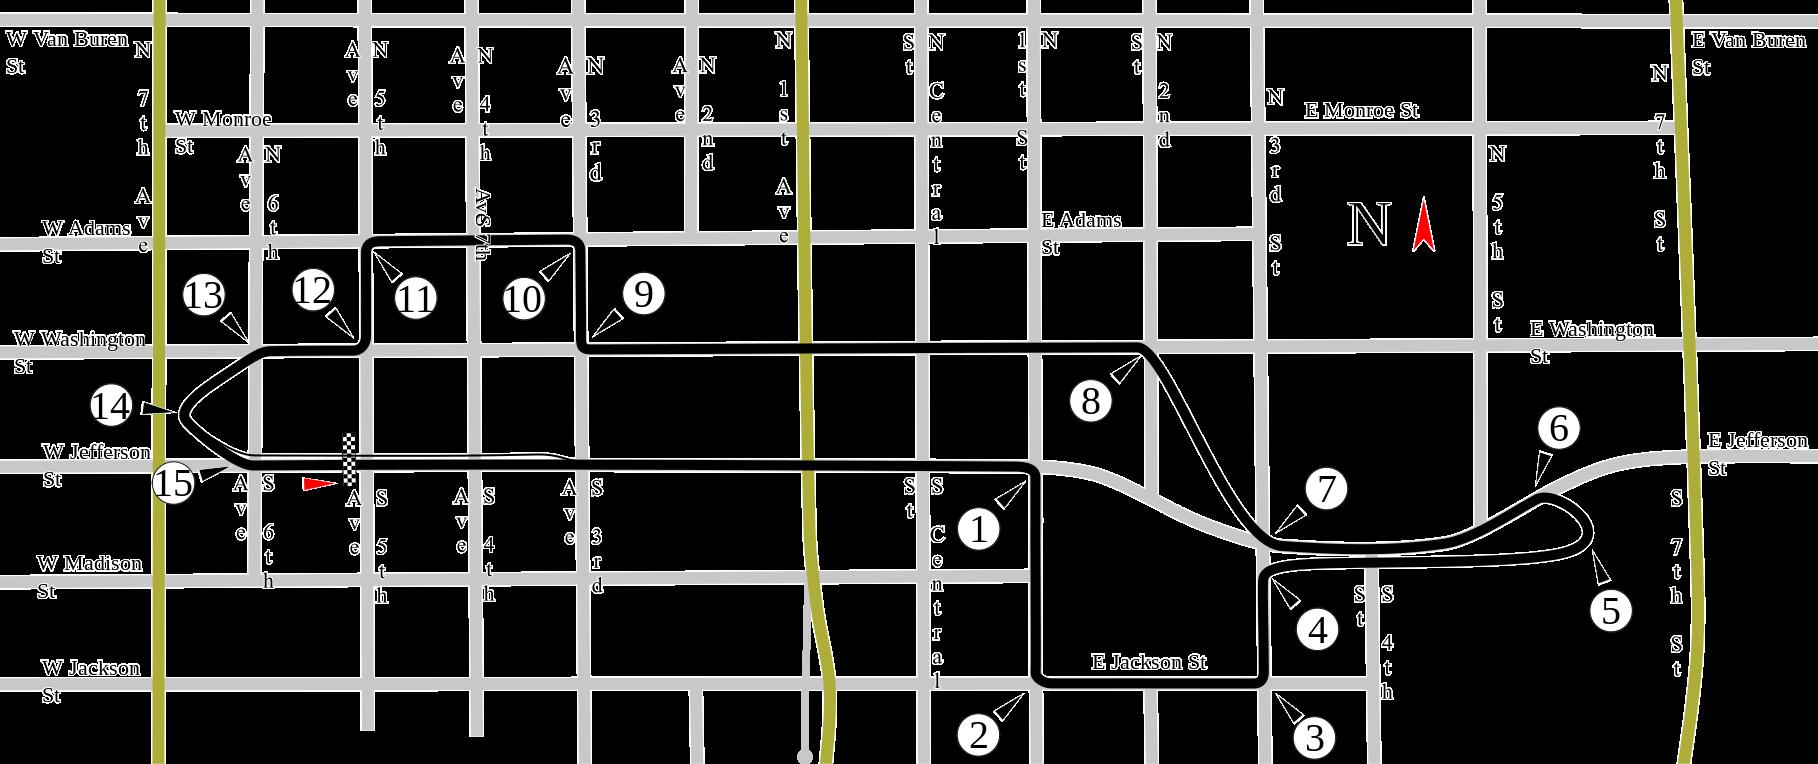 Phoenix_Grand_Prix_Route_-_1991.svg.png